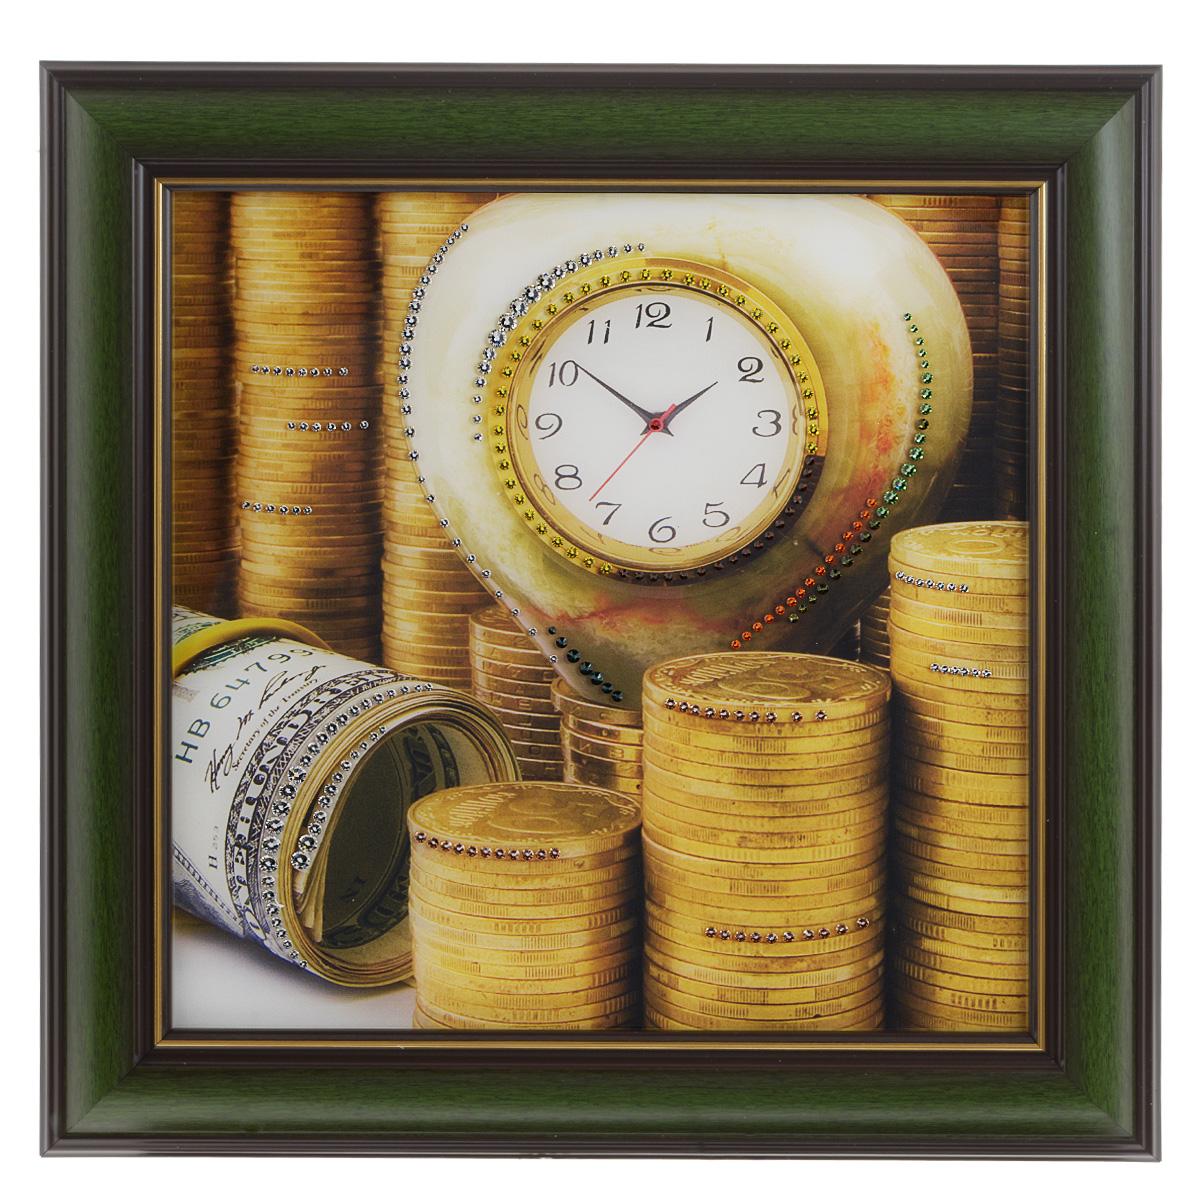 Картина с кристаллами Swarovski Время - деньги 3, 38 х 38 см1327Изящная картина в багетной раме Время - деньги 3 инкрустирована кристаллами Swarovski, которые отличаются четкой и ровной огранкой, ярким блеском и чистотой цвета. Идеально подобранная палитра кристаллов прекрасно дополняет картину. С задней стороны изделие оснащено проволокой для размещения на стене. Картина с кристаллами Swarovski элегантно украсит интерьер дома, а также станет прекрасным подарком, который обязательно понравится получателю. Блеск кристаллов в интерьере - что может быть сказочнее и удивительнее. Изделие упаковано в подарочную картонную коробку синего цвета и комплектуется сертификатом соответствия Swarovski.